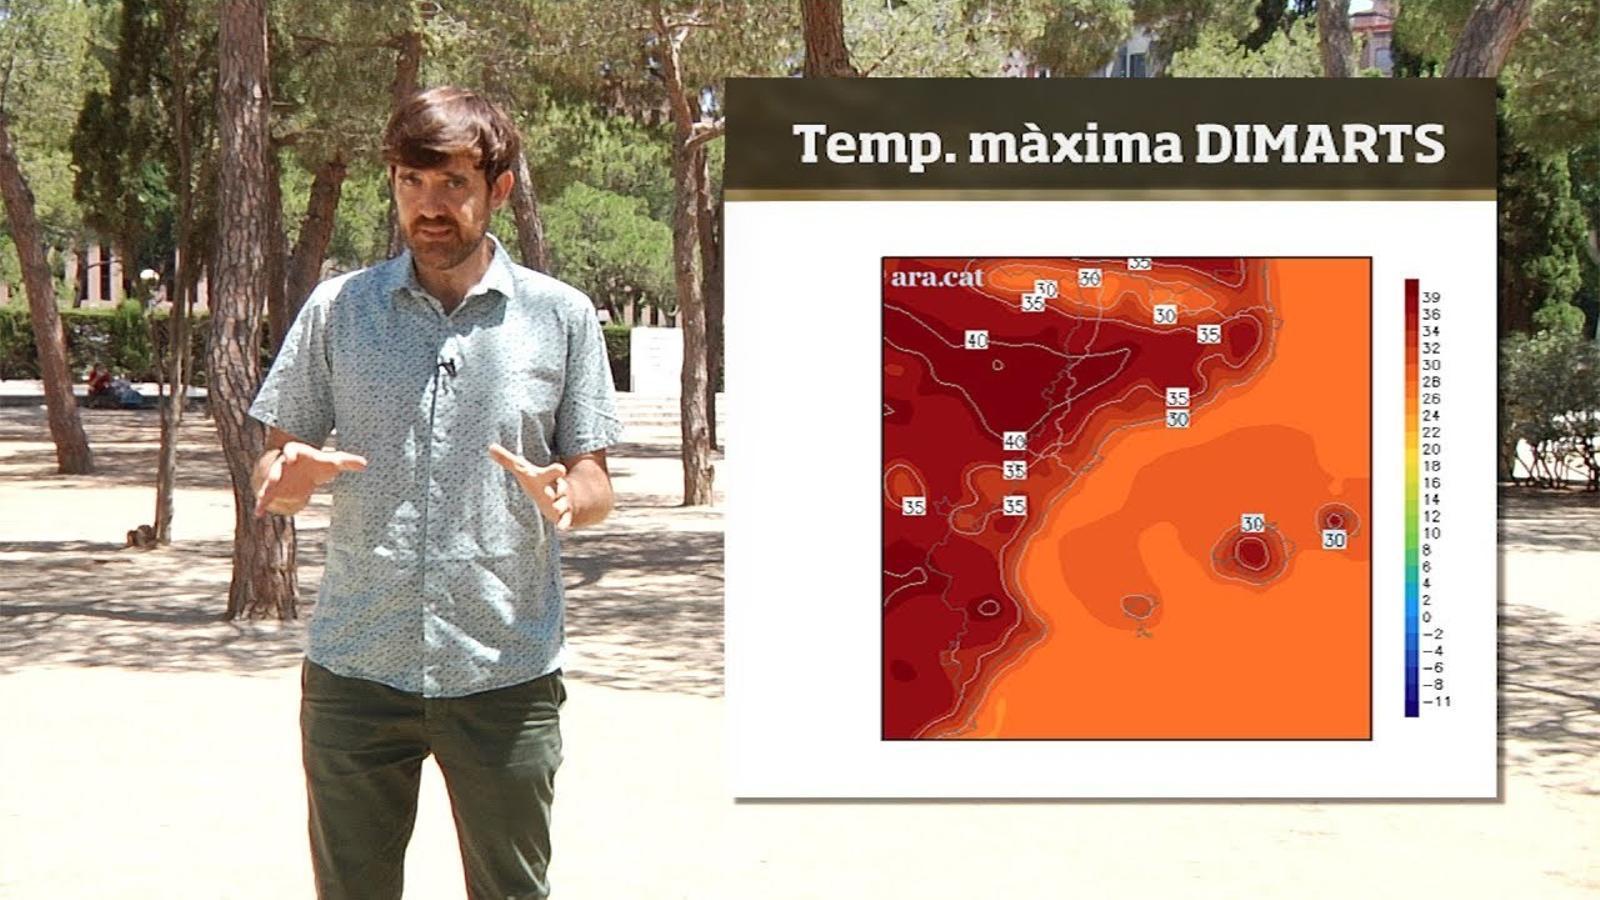 Méteo especial: una onada de calor marcarà la setmana que ve